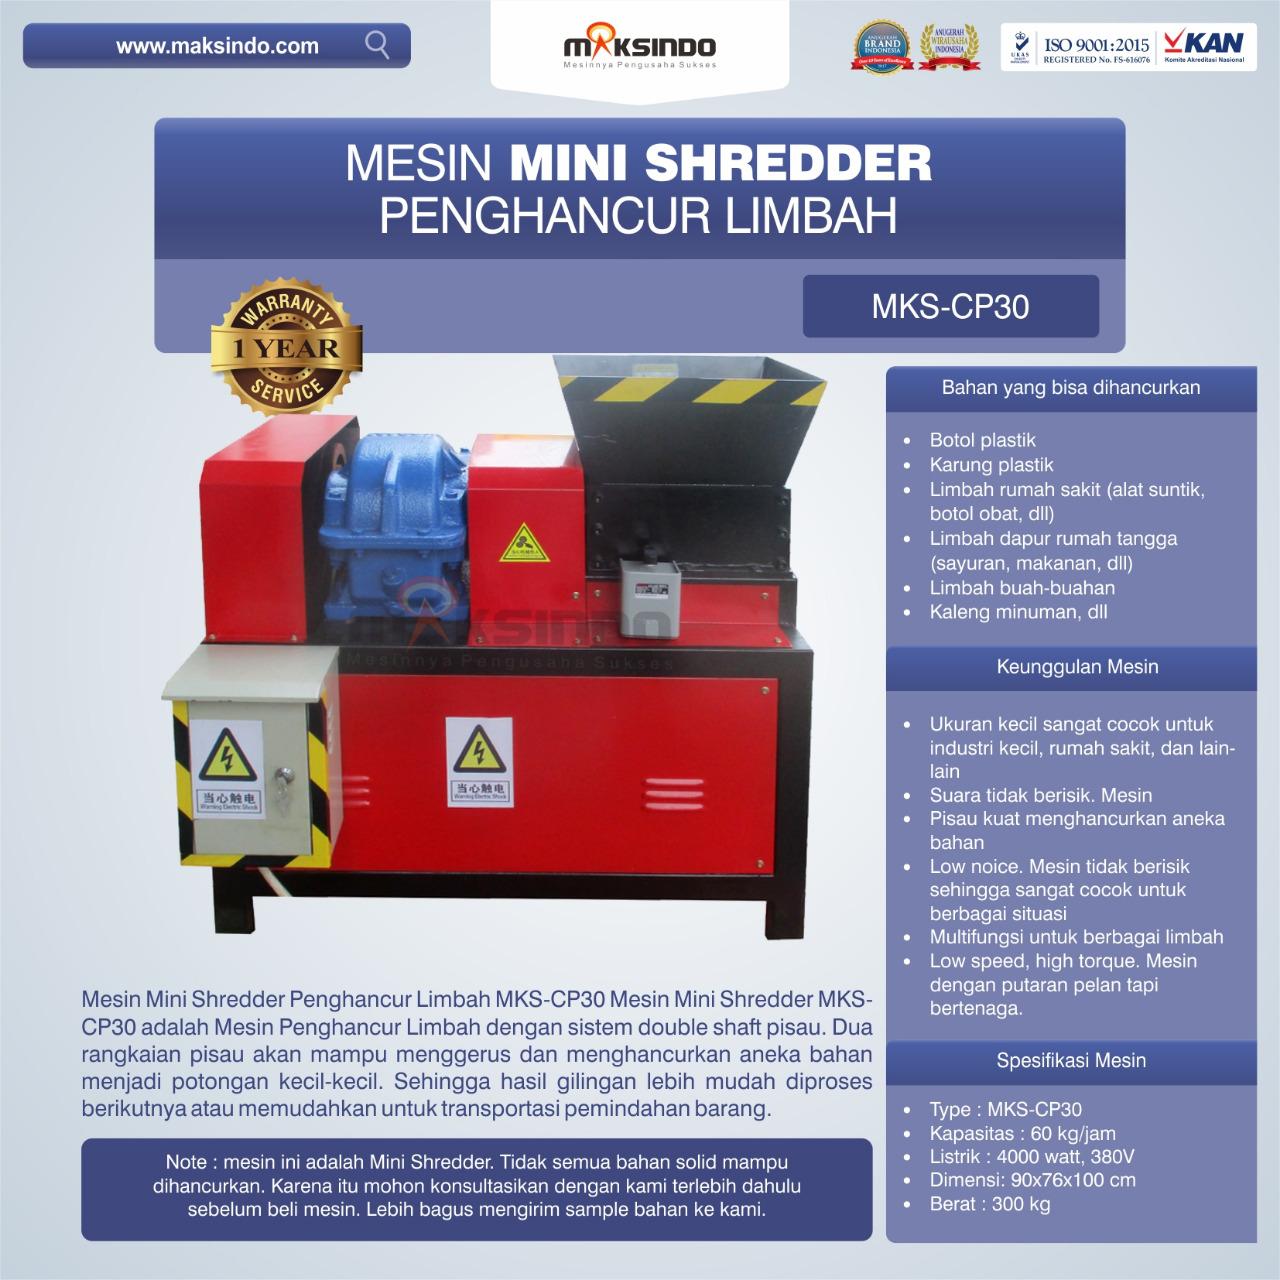 Jual Mesin Mini Shredder Penghancur Limbah MKS-CP30 di Jakarta